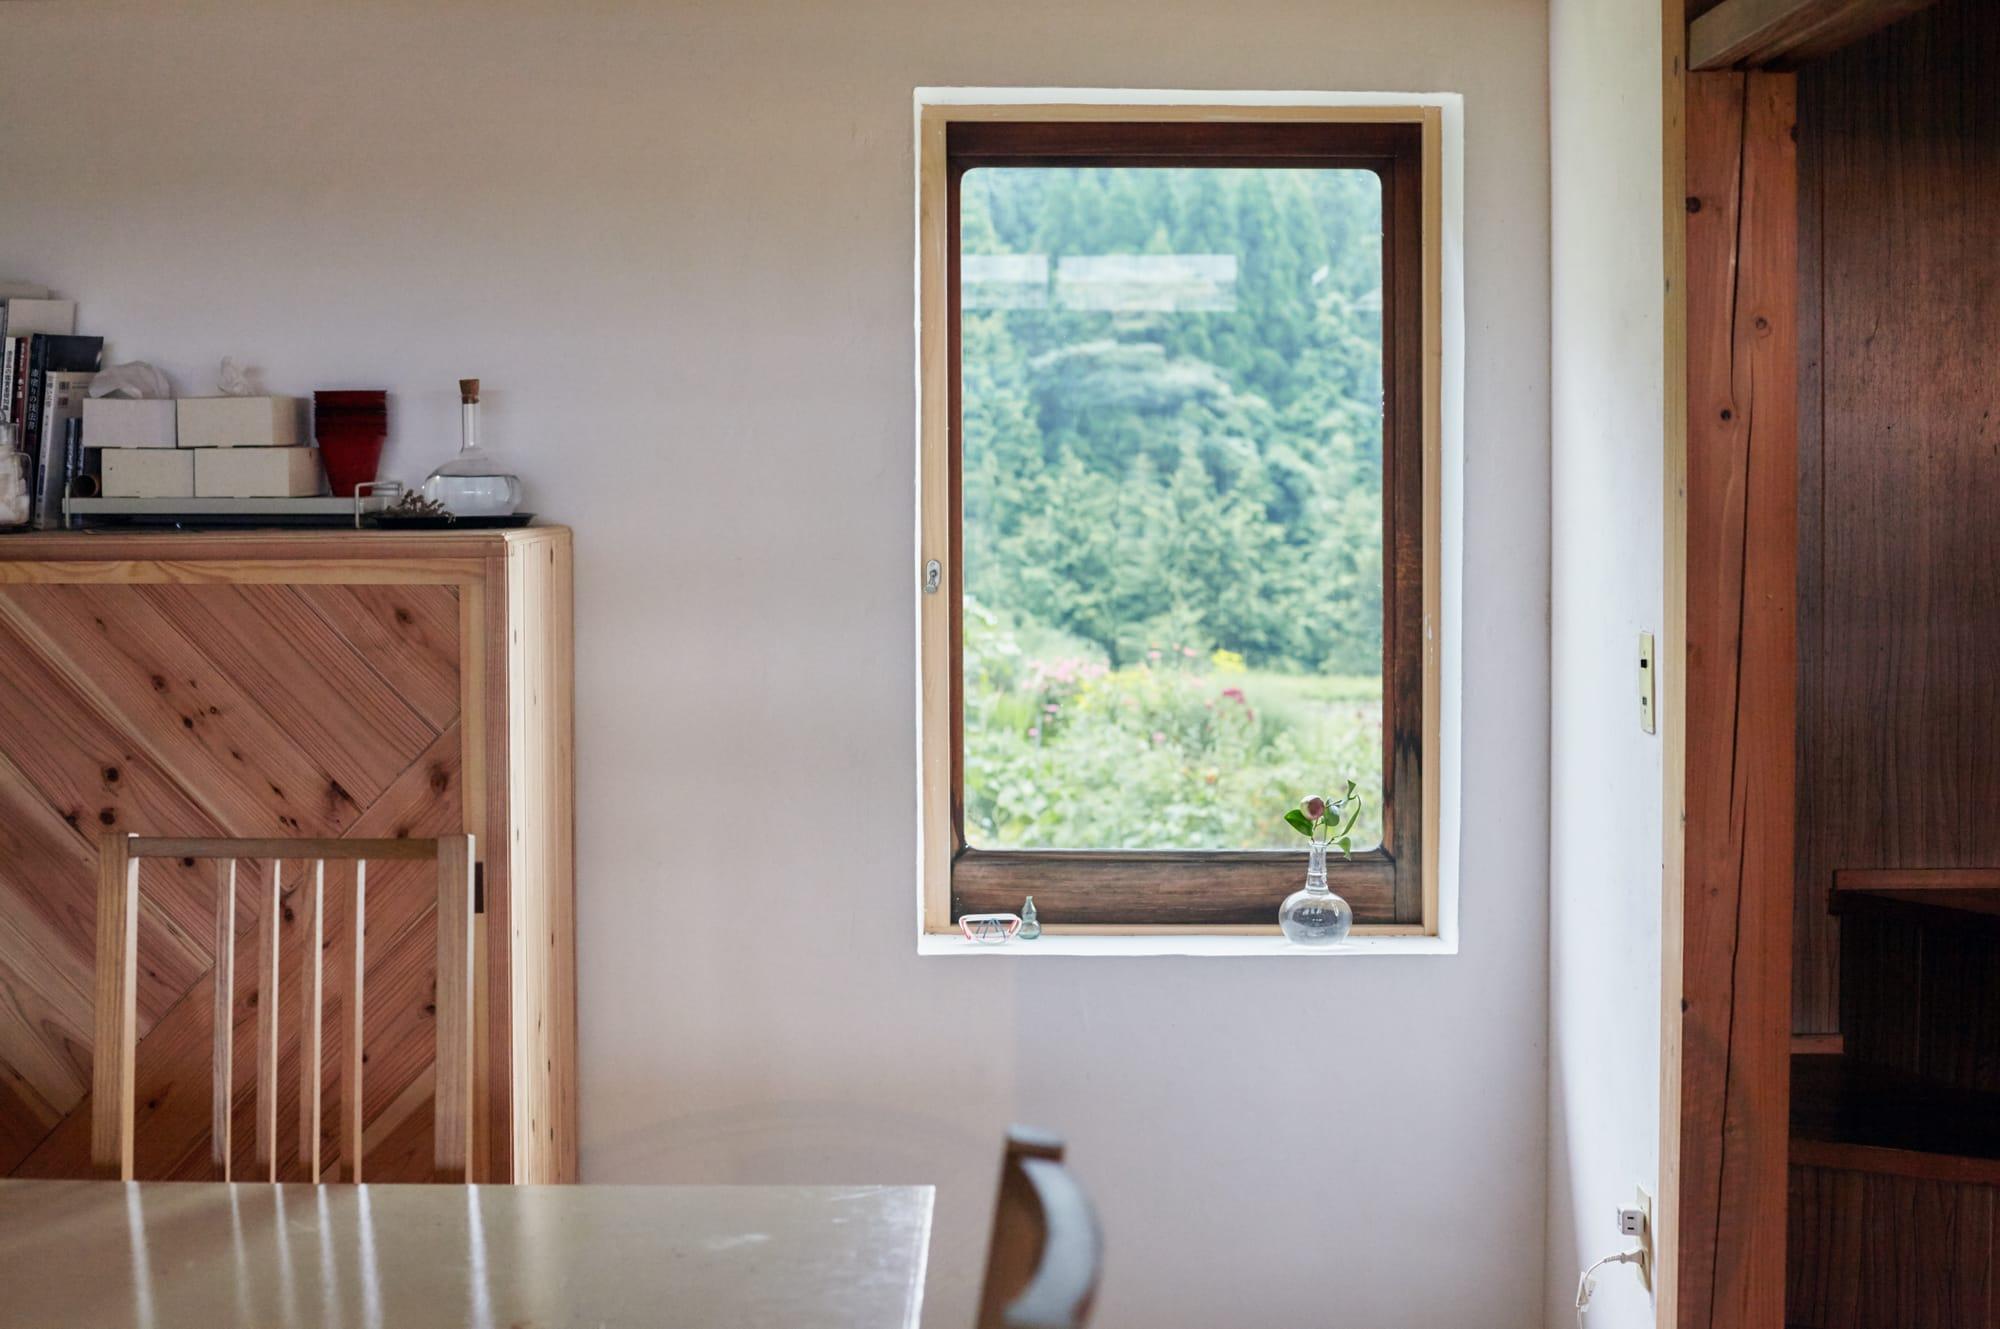 教室の部屋に窓がほしくて、大工さんに取り付けてもらった窓。古材を利用した不均一な厚みのガラスが美しい。「まだまだ直したいところがたくさんあるので、家はまだ育て中です」と河井さん。